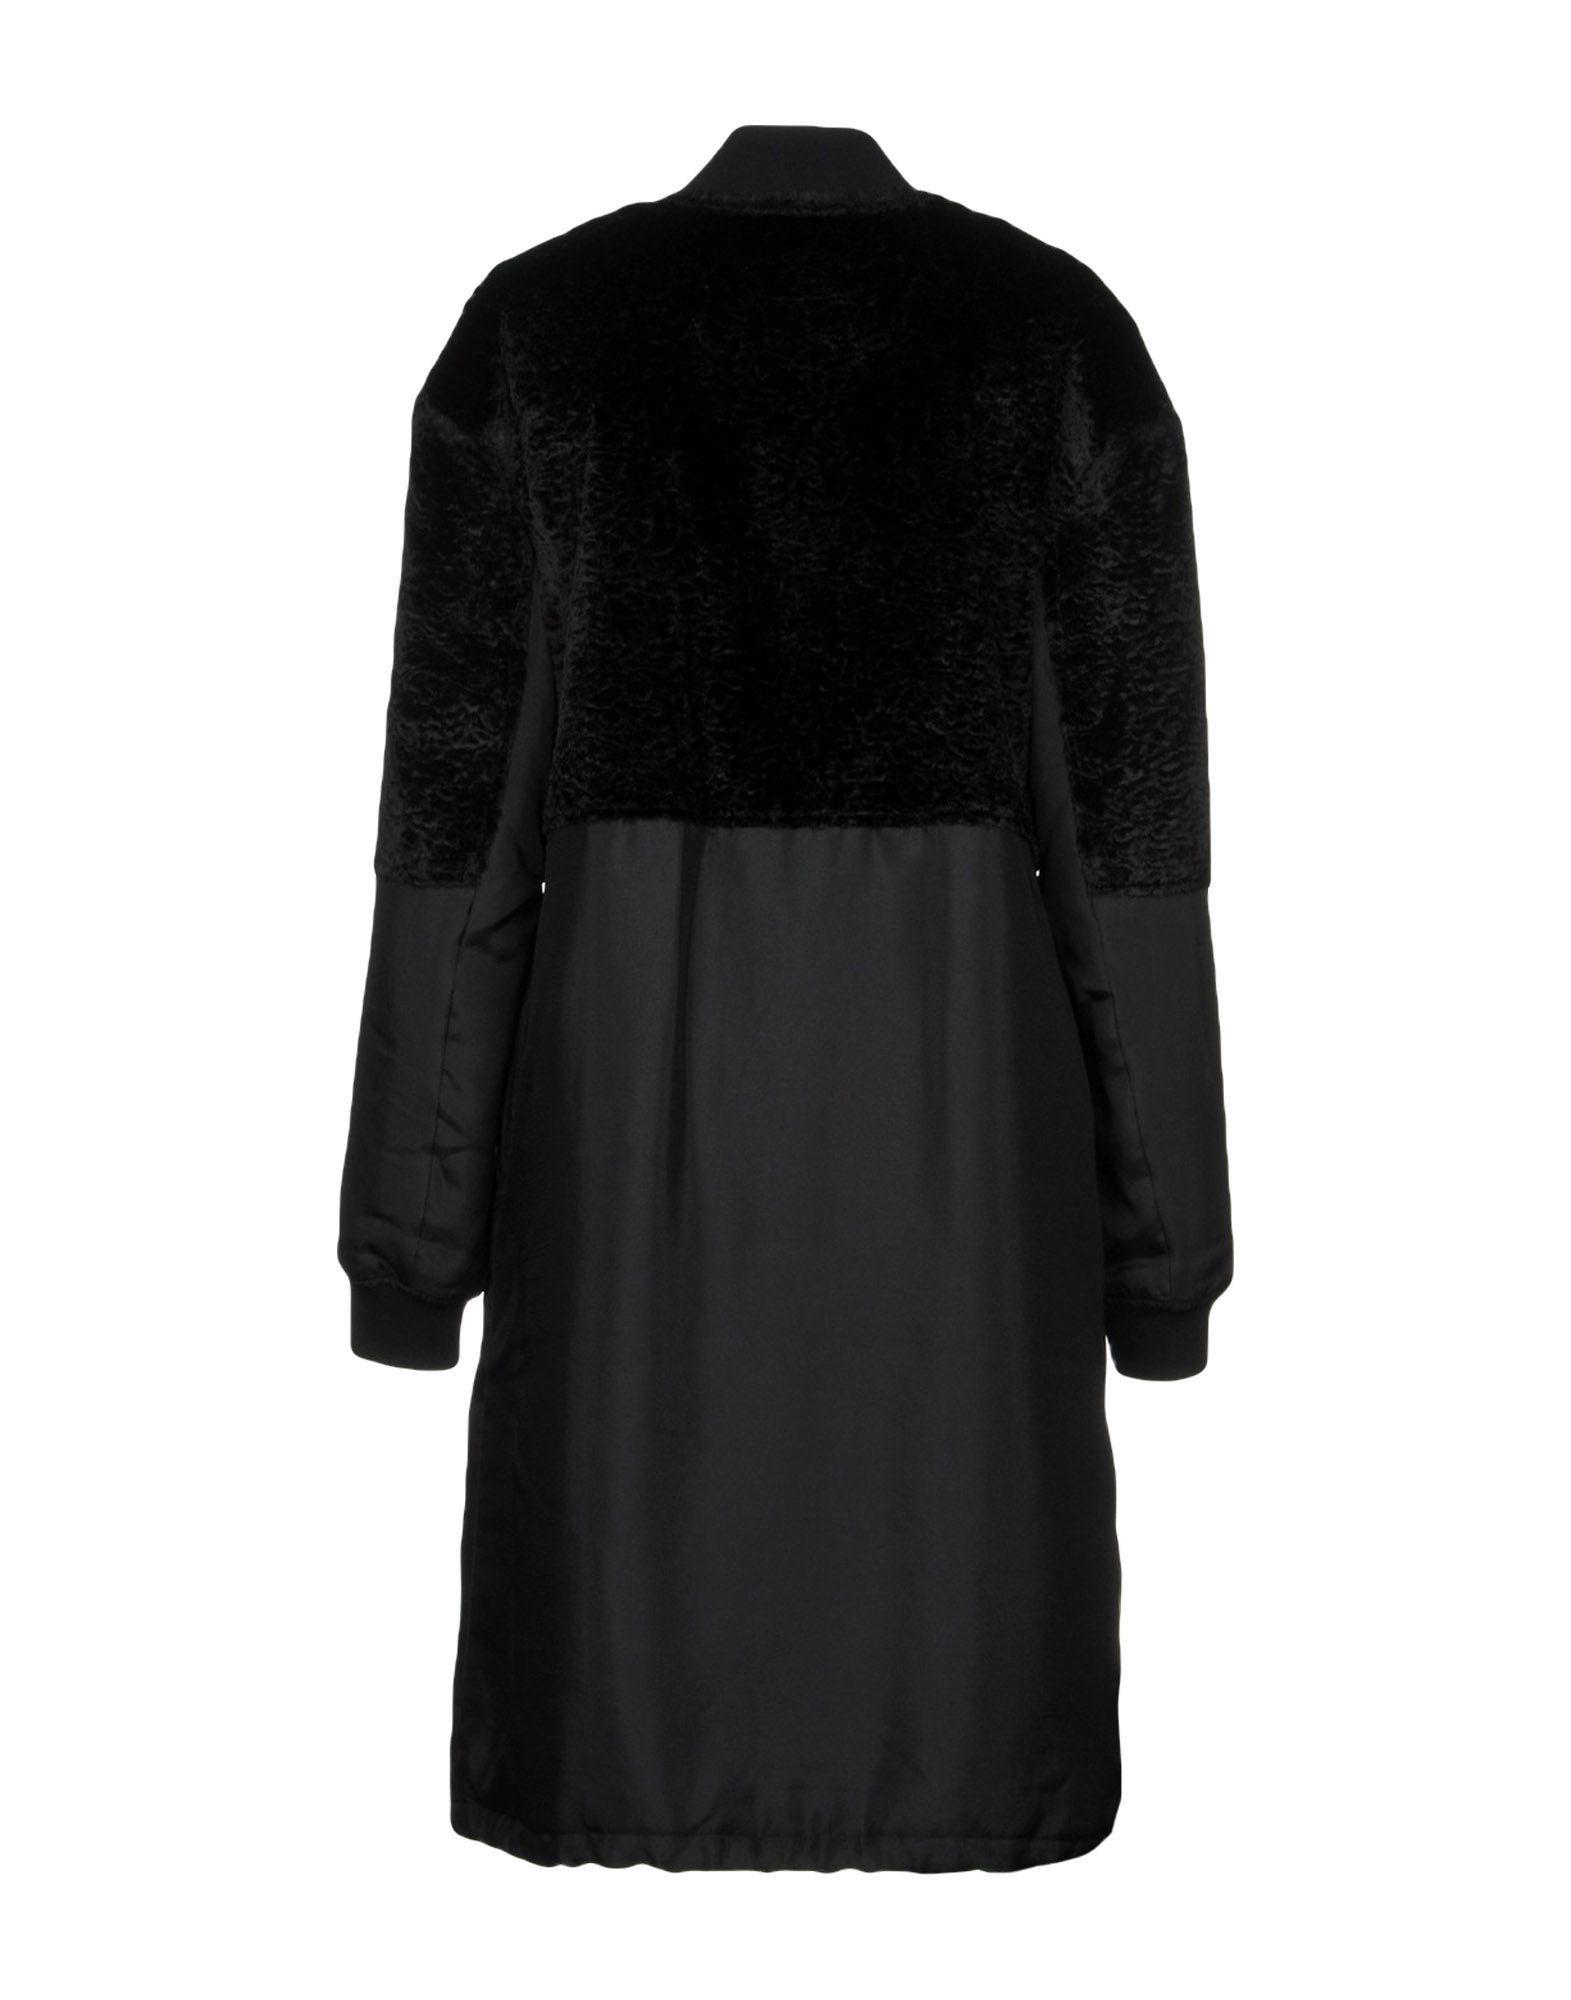 Mcq Alexander Mcqueen Black Faux Fur Overcoat